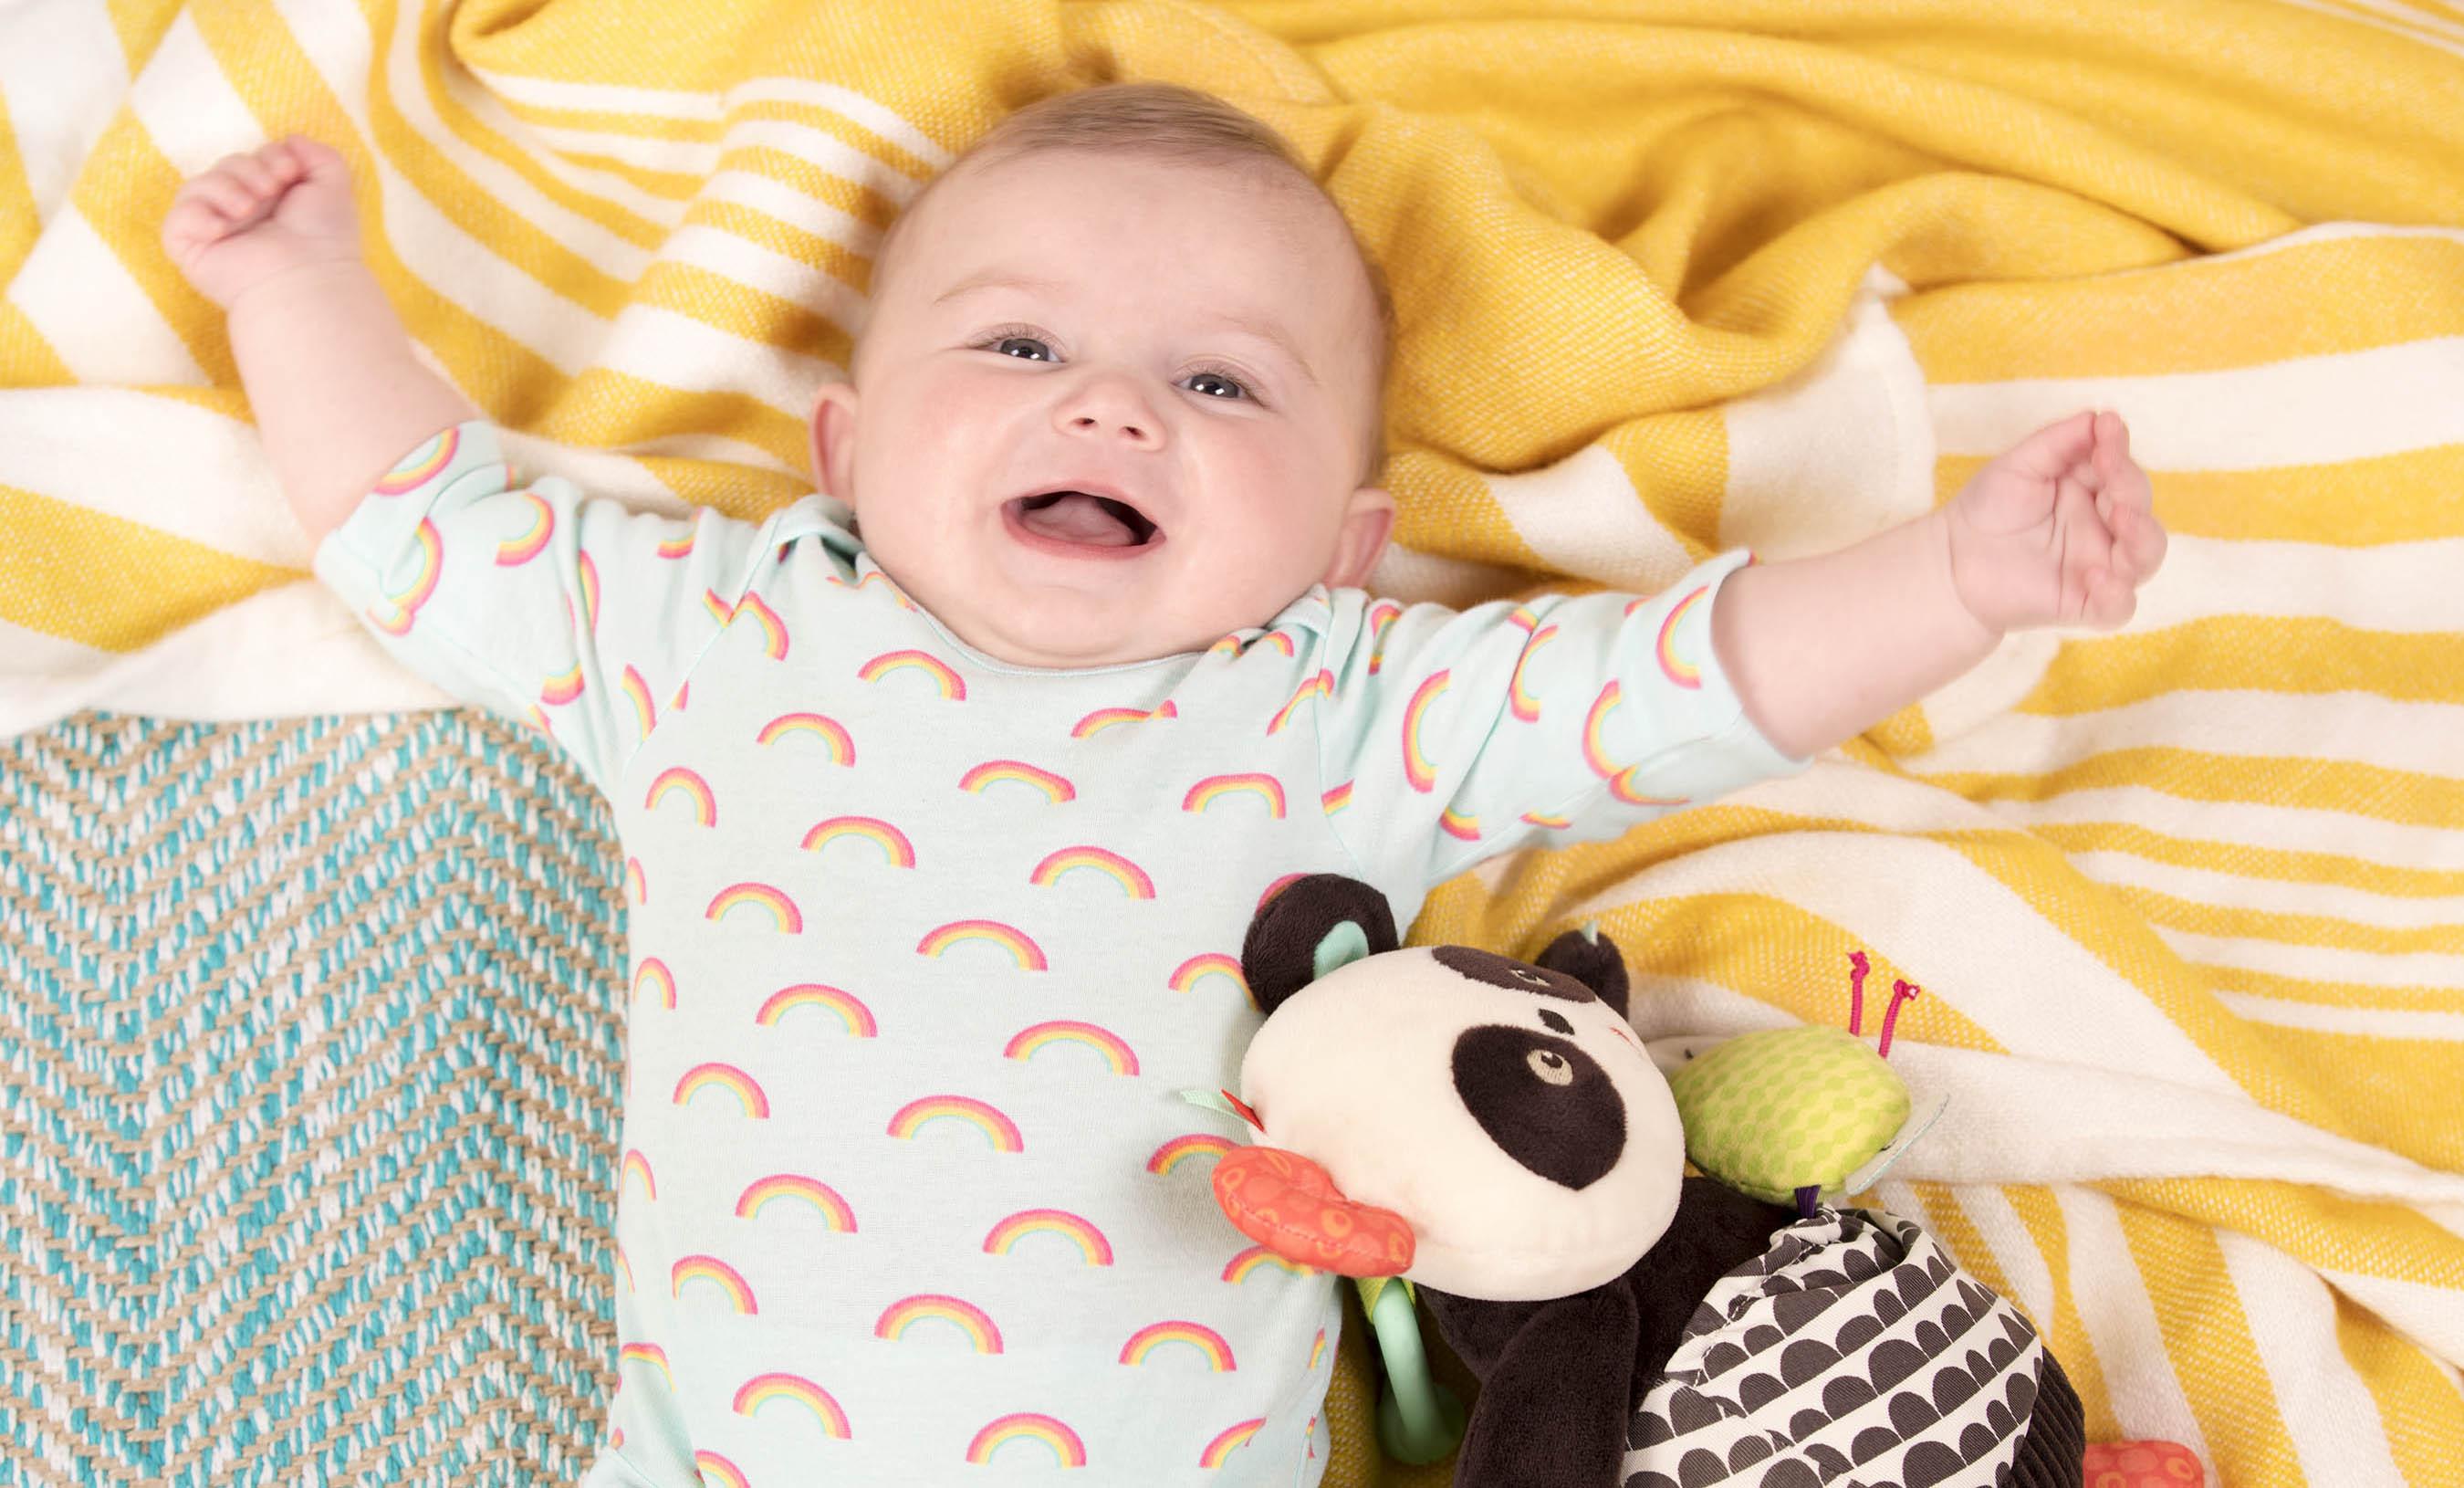 Smiling baby with plush panda.